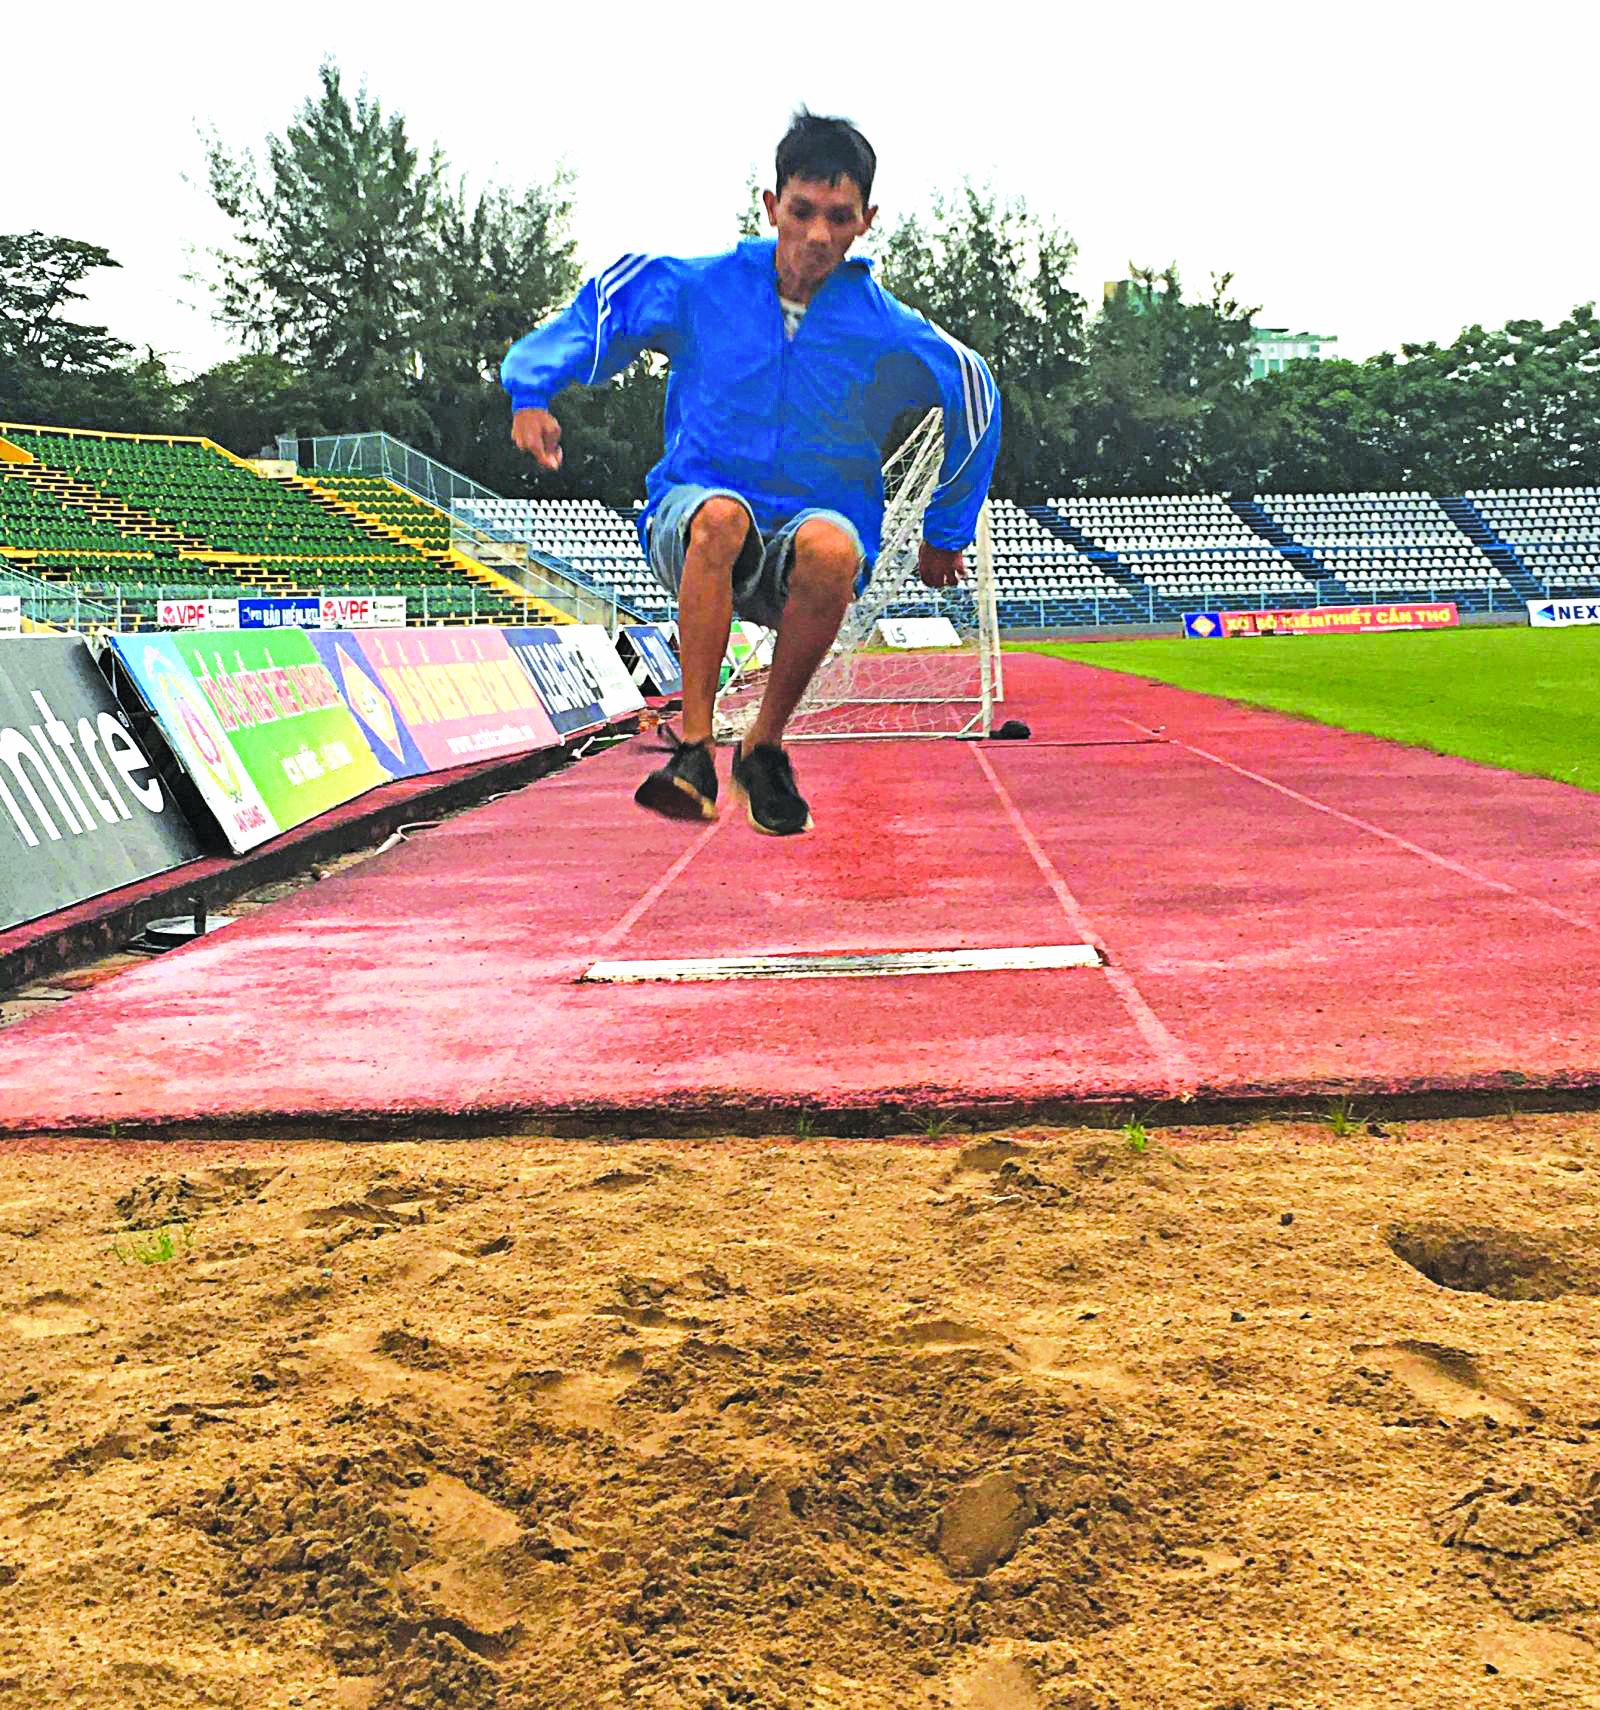 VĐV Huỳnh Quốc Trung của đội Điền kinh khuyết tật Cần Thơ tập luyện nội dung nhảy xa.